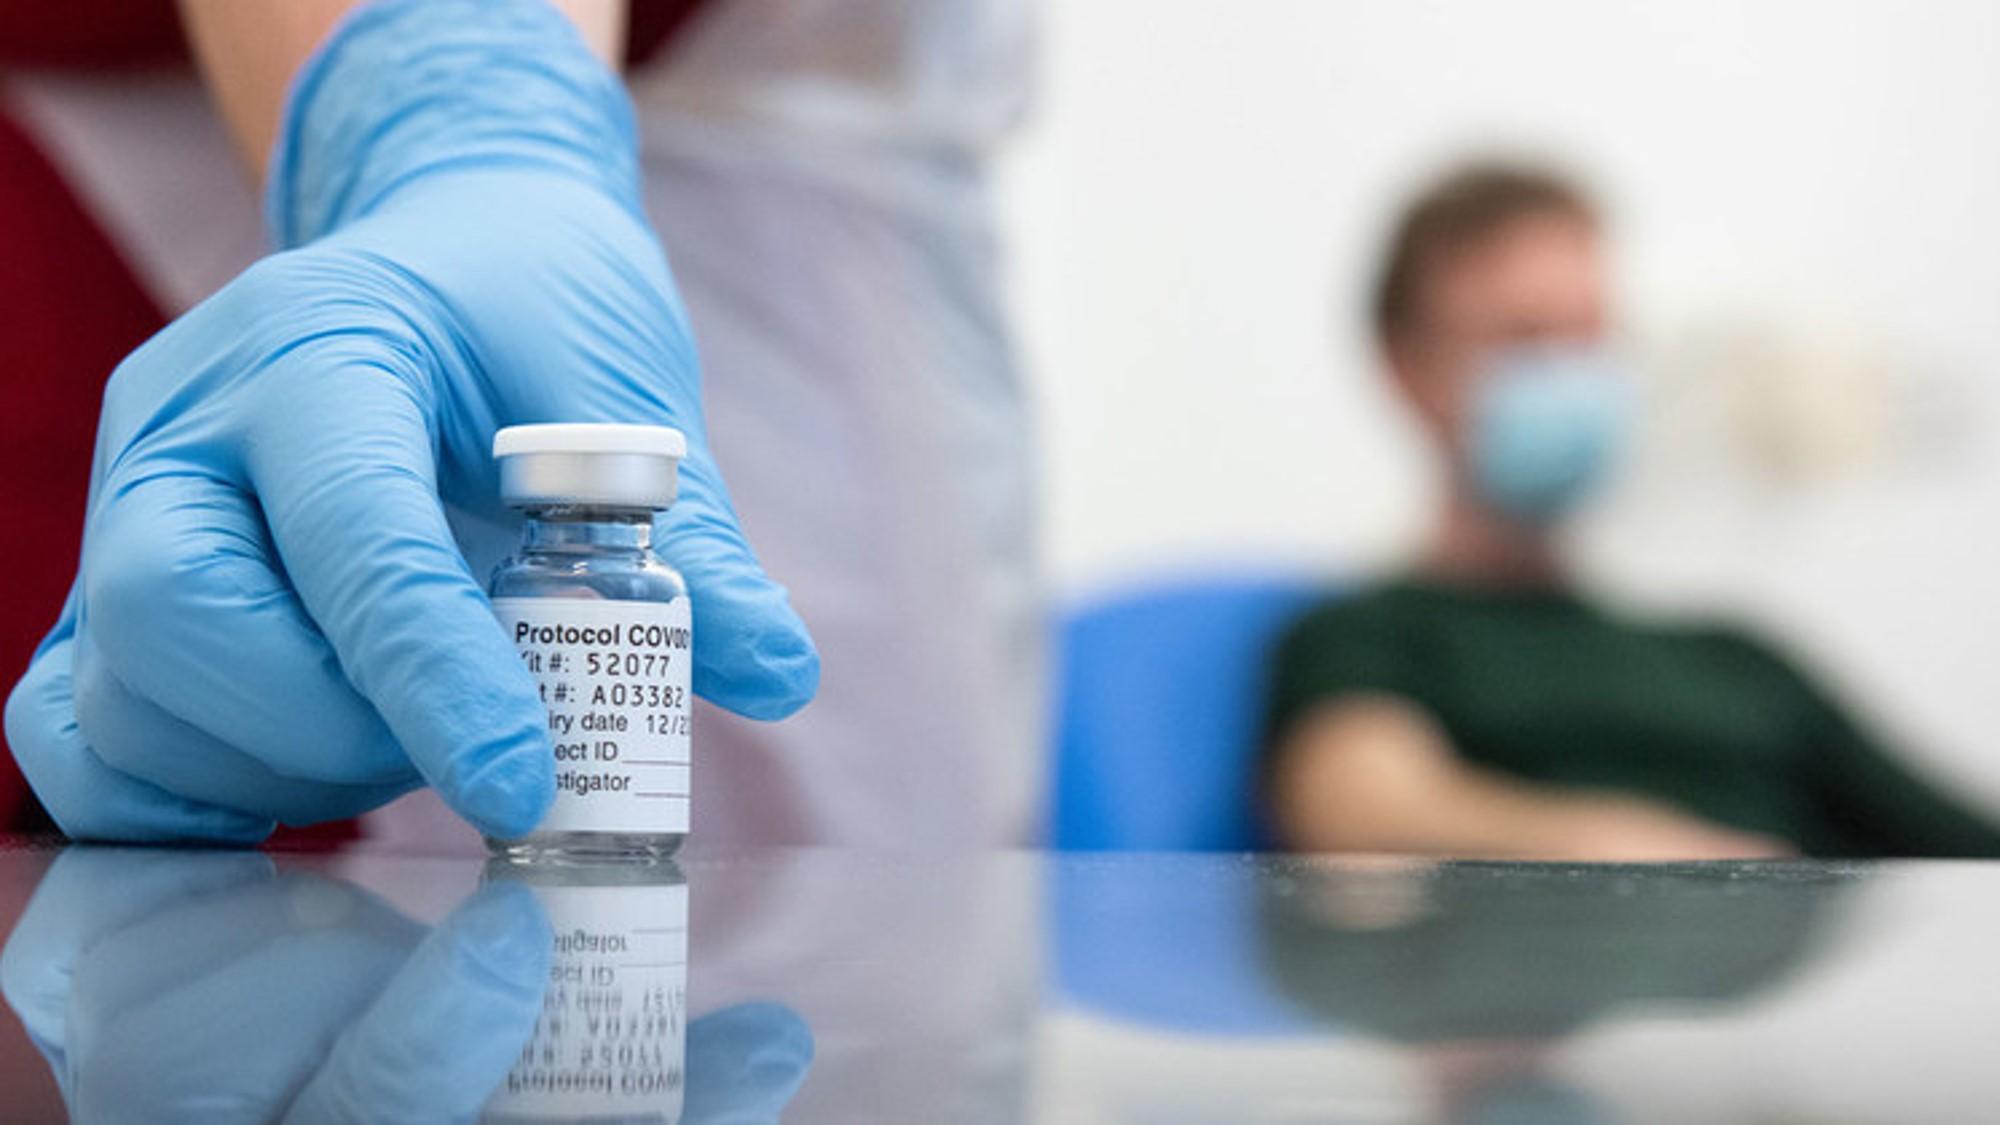 Diez países de América Latina no pagarán por la vacuna COVID-19 gracias a la iniciativa de la OMS